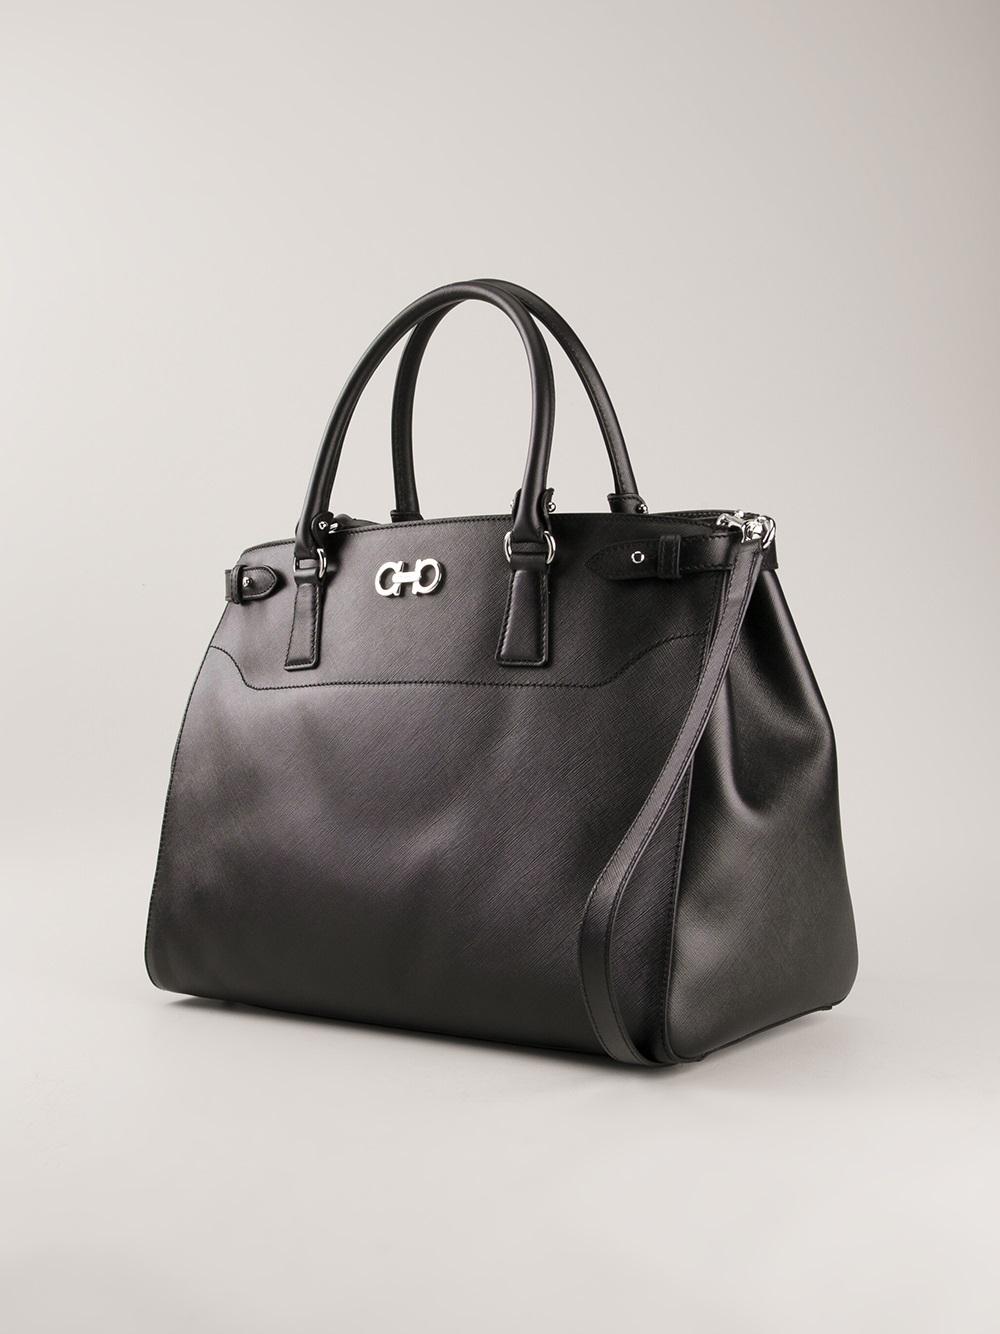 5b9e6e4f2e33 Ferragamo Large Tote Bag in Black - Lyst